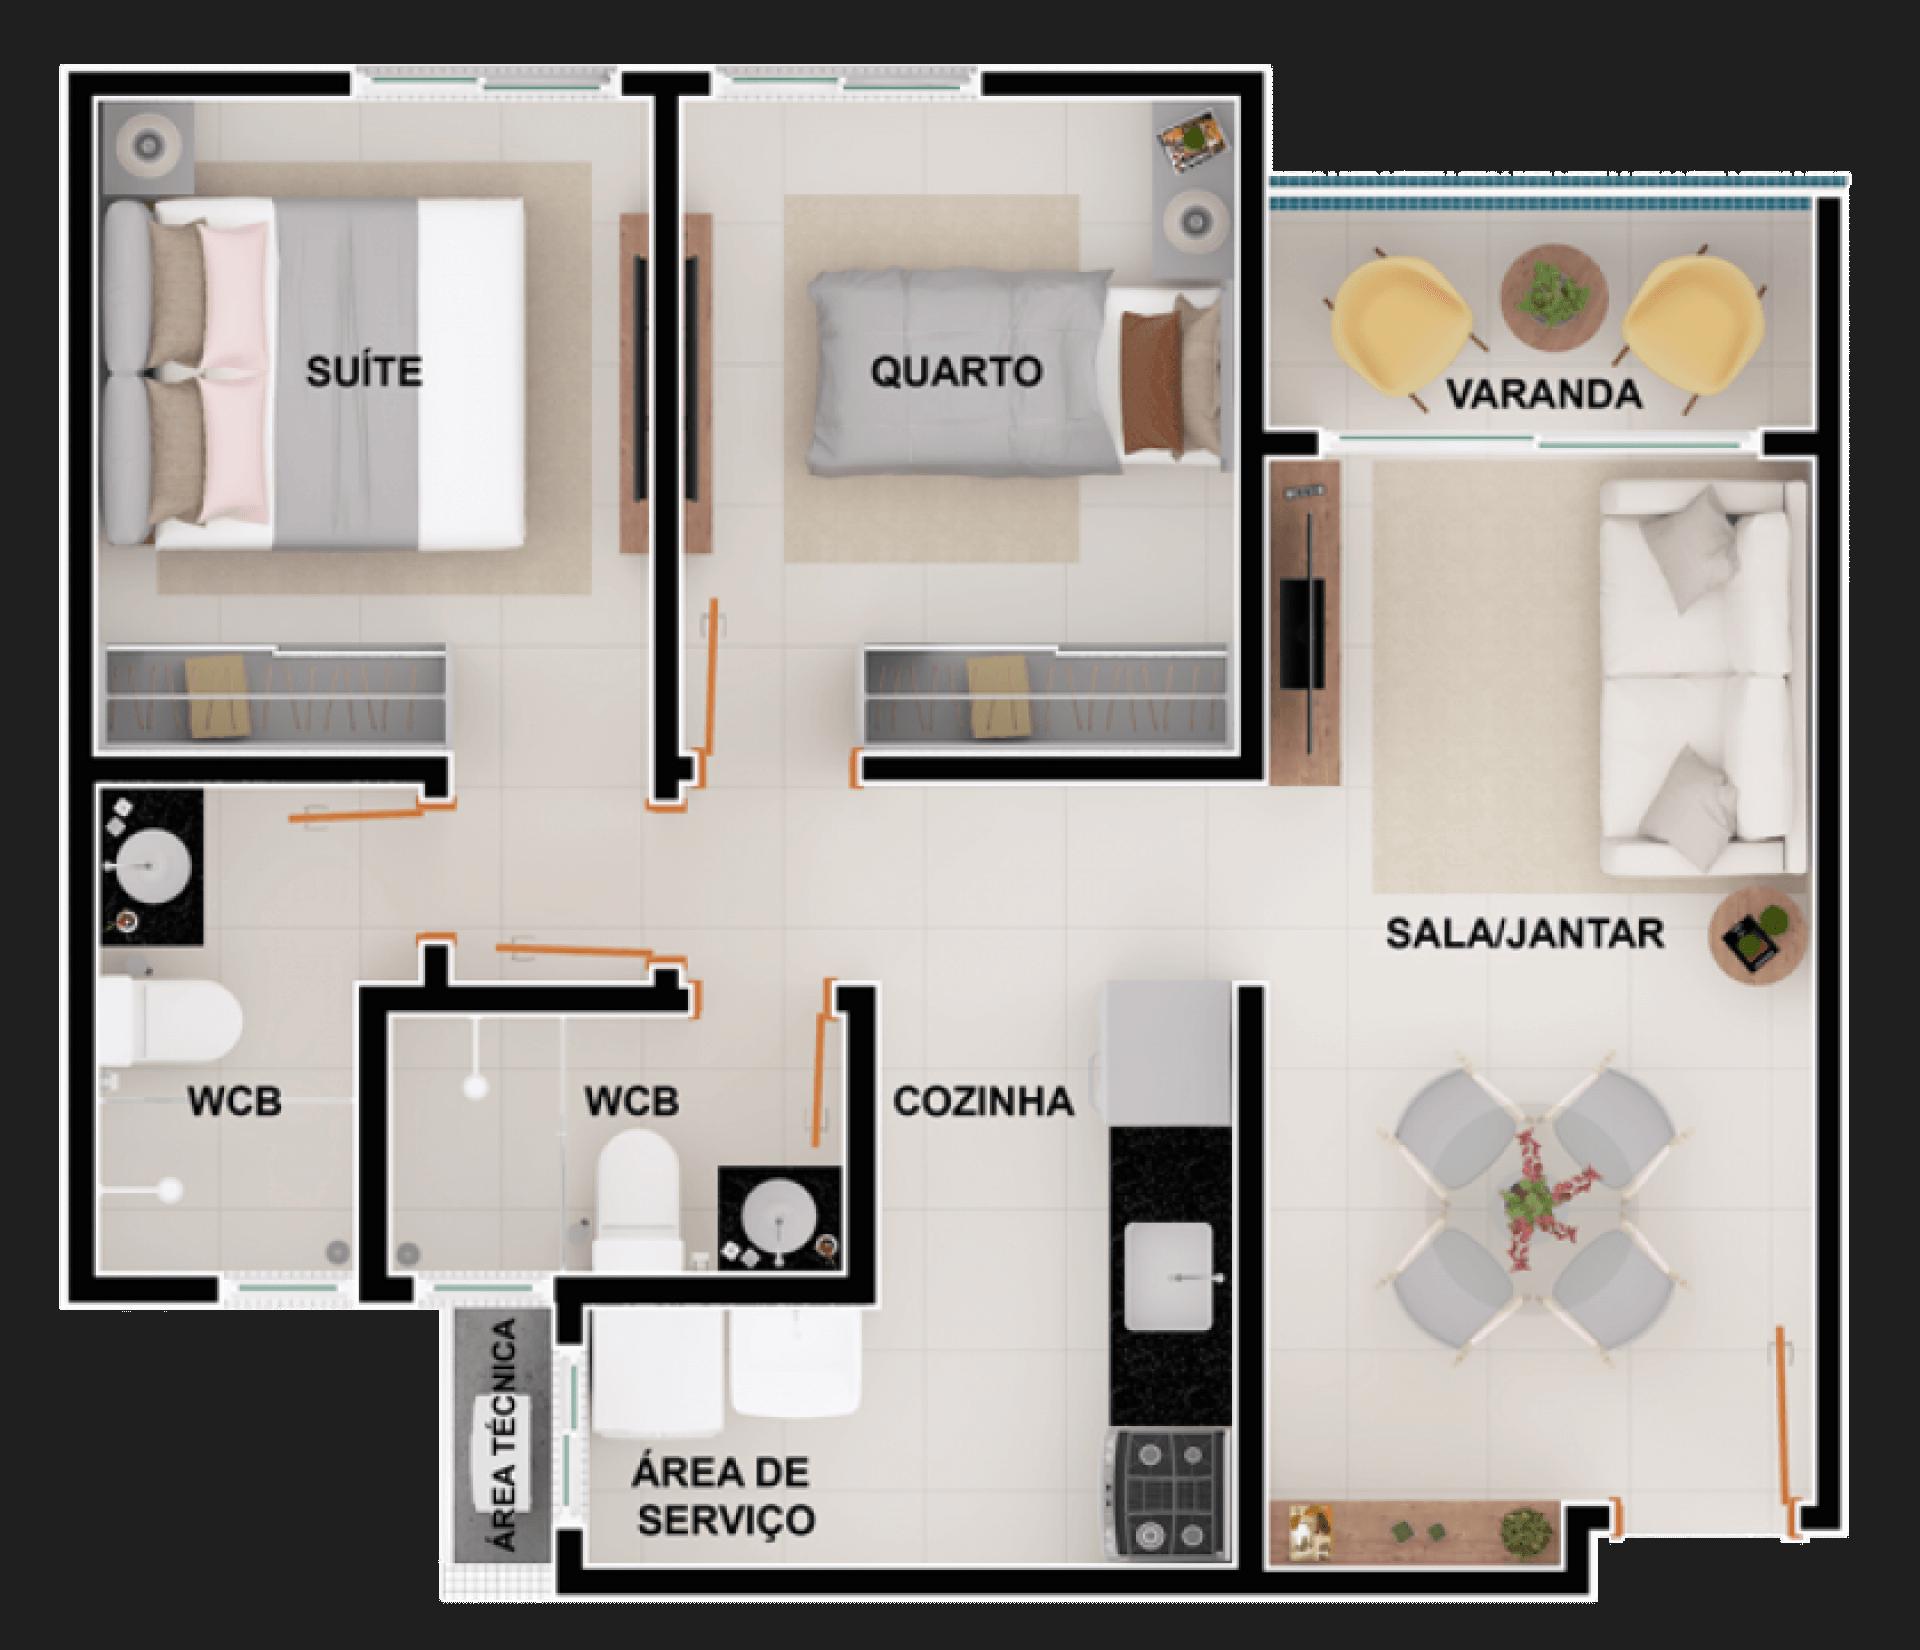 Planta do Julita Formiga Condomínio Residencial. floorplan